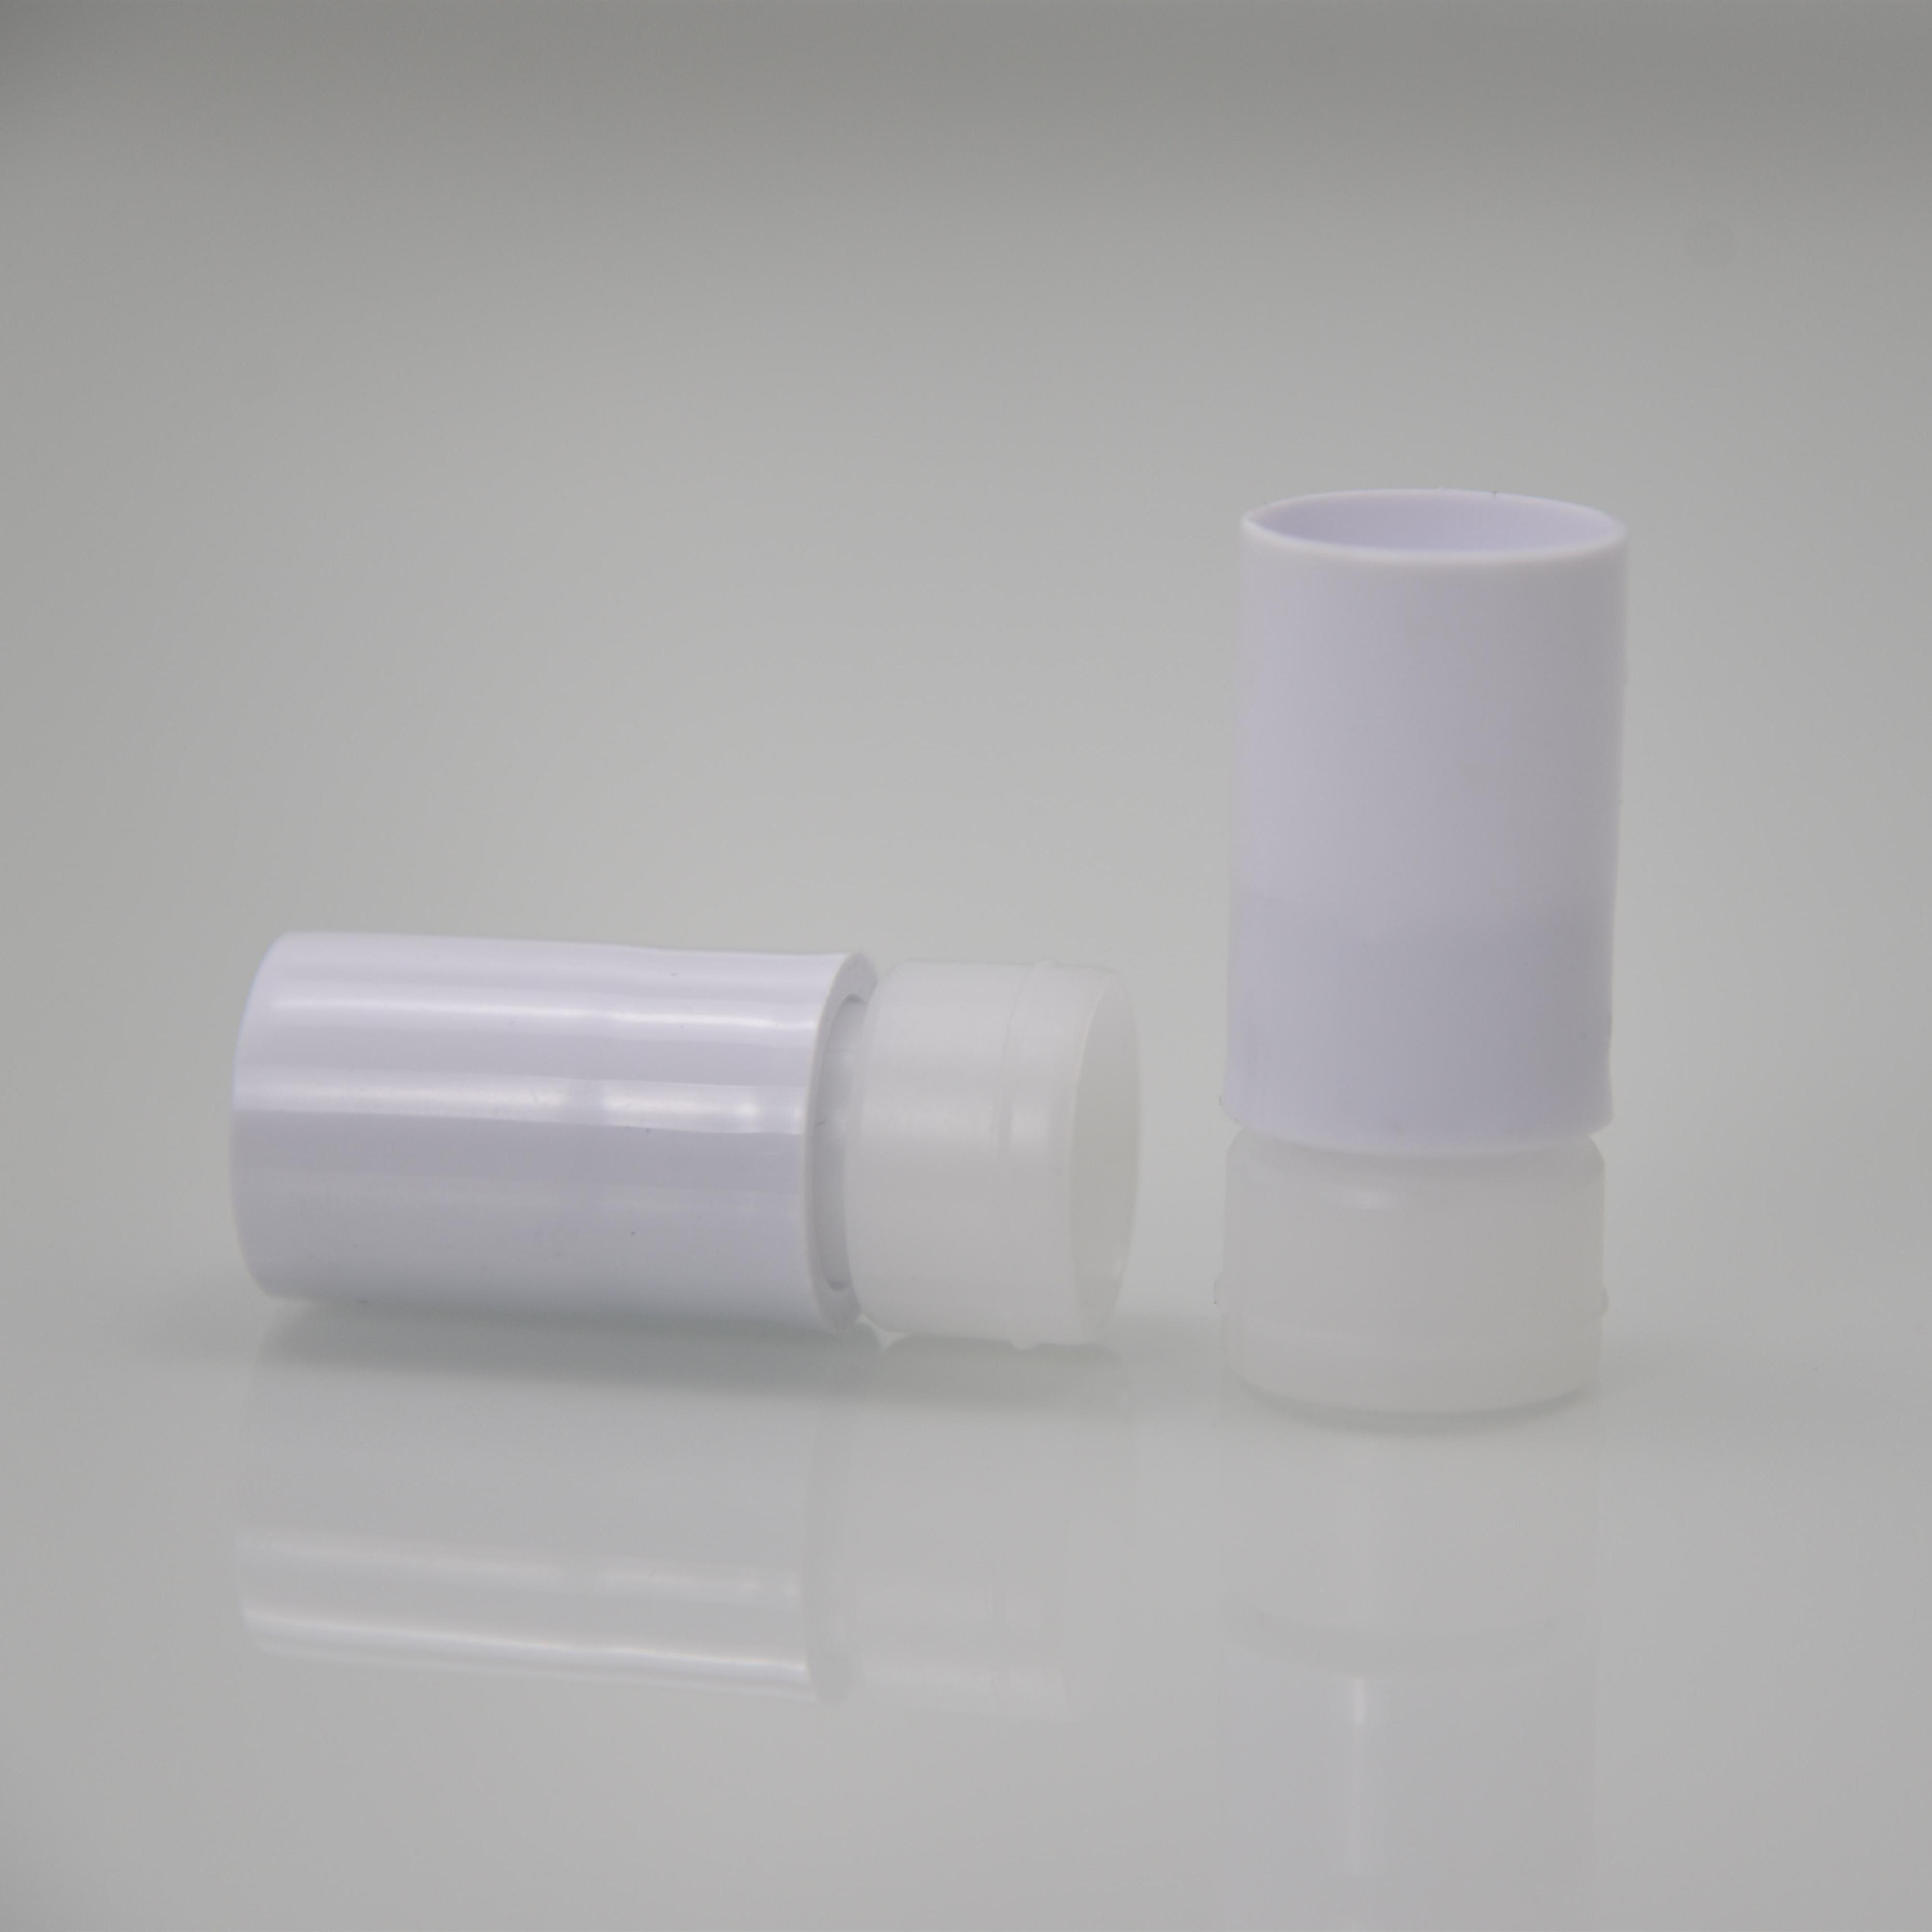 4g粉條管,PE材質,用于口紅管,唇膏管,清涼油管,藥膏盒